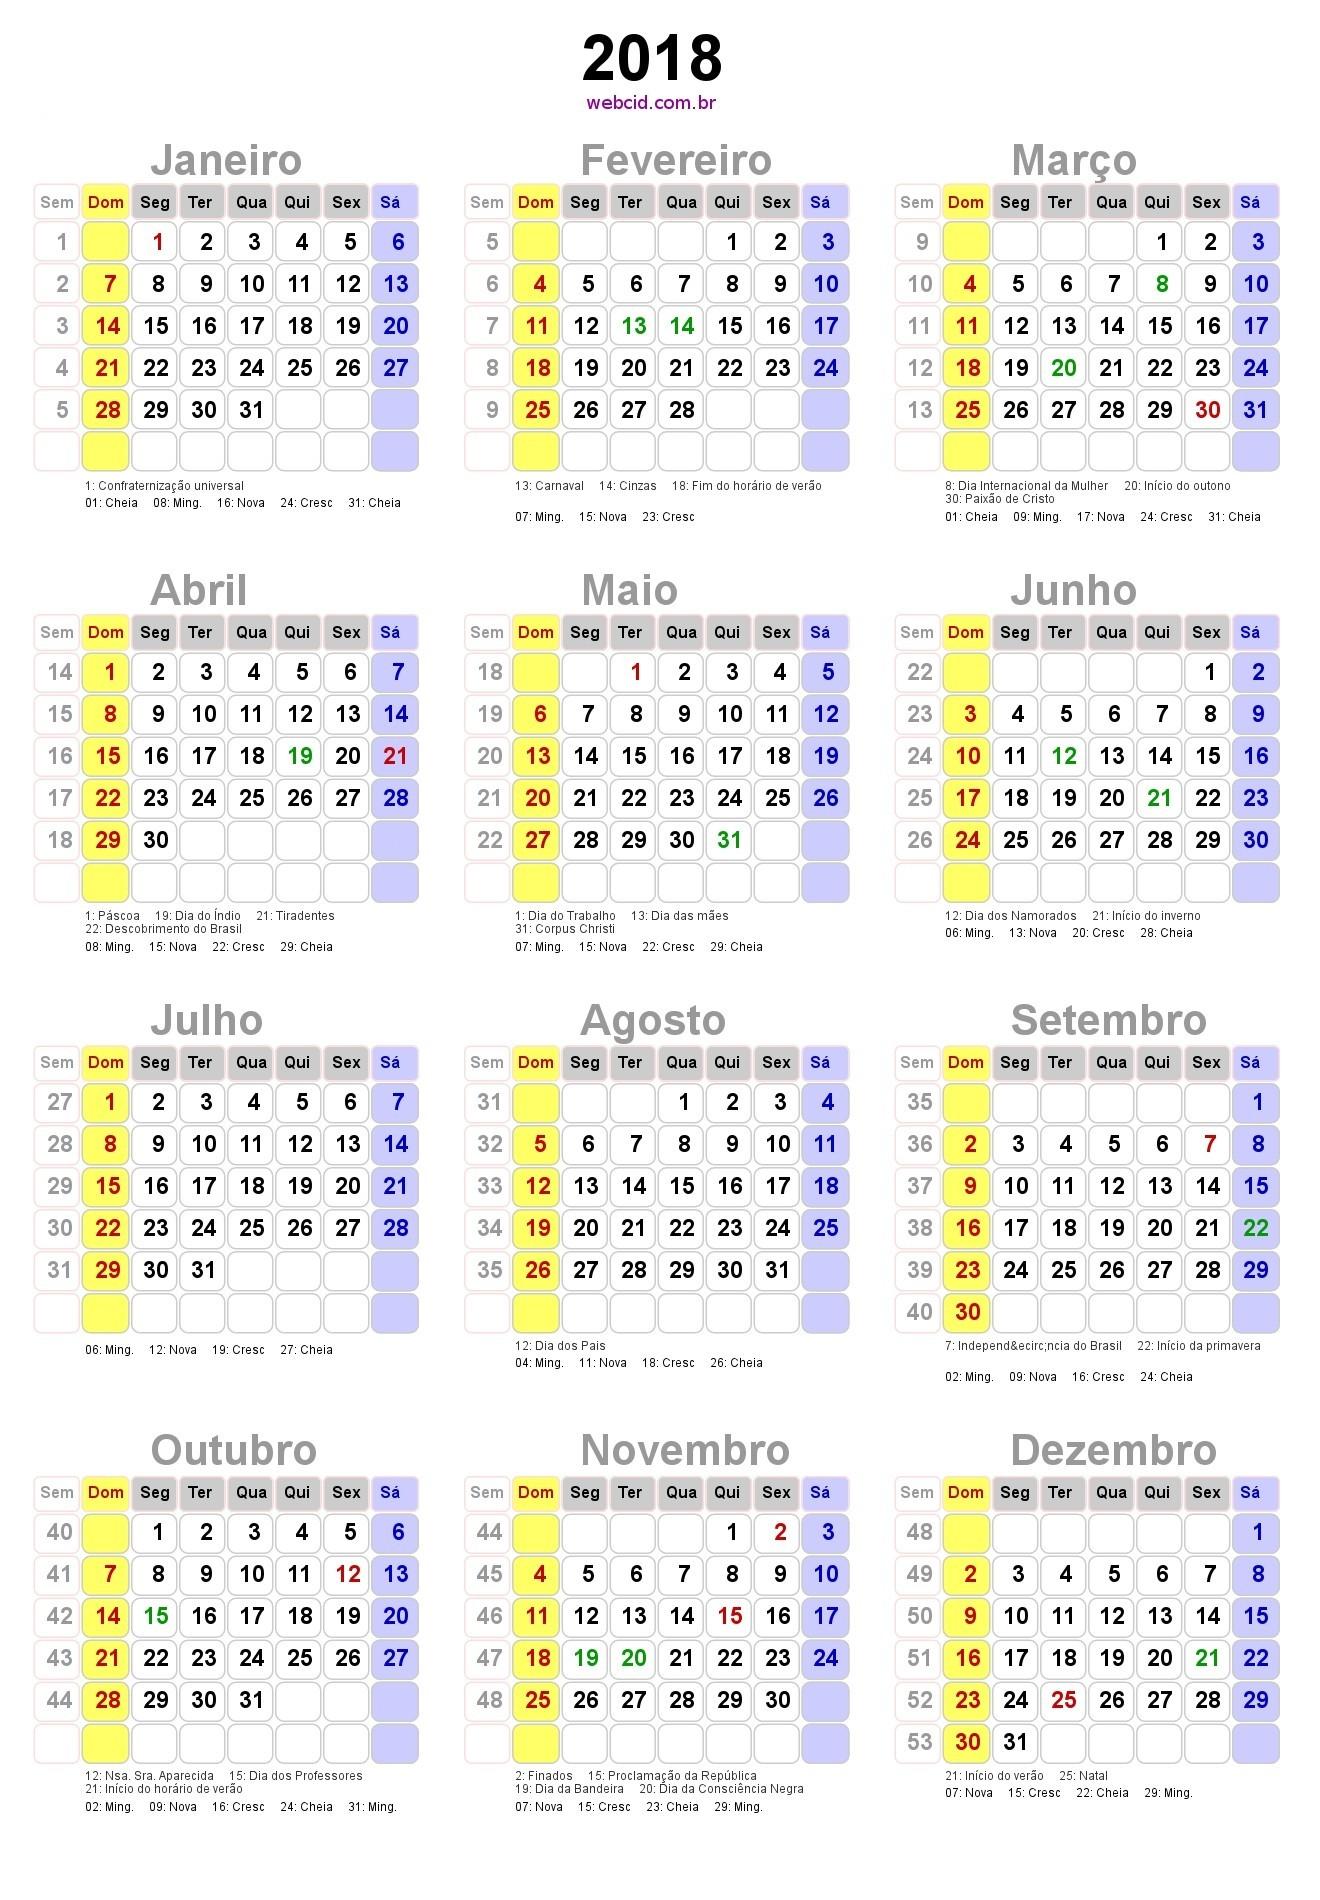 Calendario Feriado Semana Santa 2019 Más Recientemente Liberado Evaluar Calendario 2019 Con Sus Feriados Of Calendario Feriado Semana Santa 2019 Más Arriba-a-fecha Calendários E Folhinhas De Parede